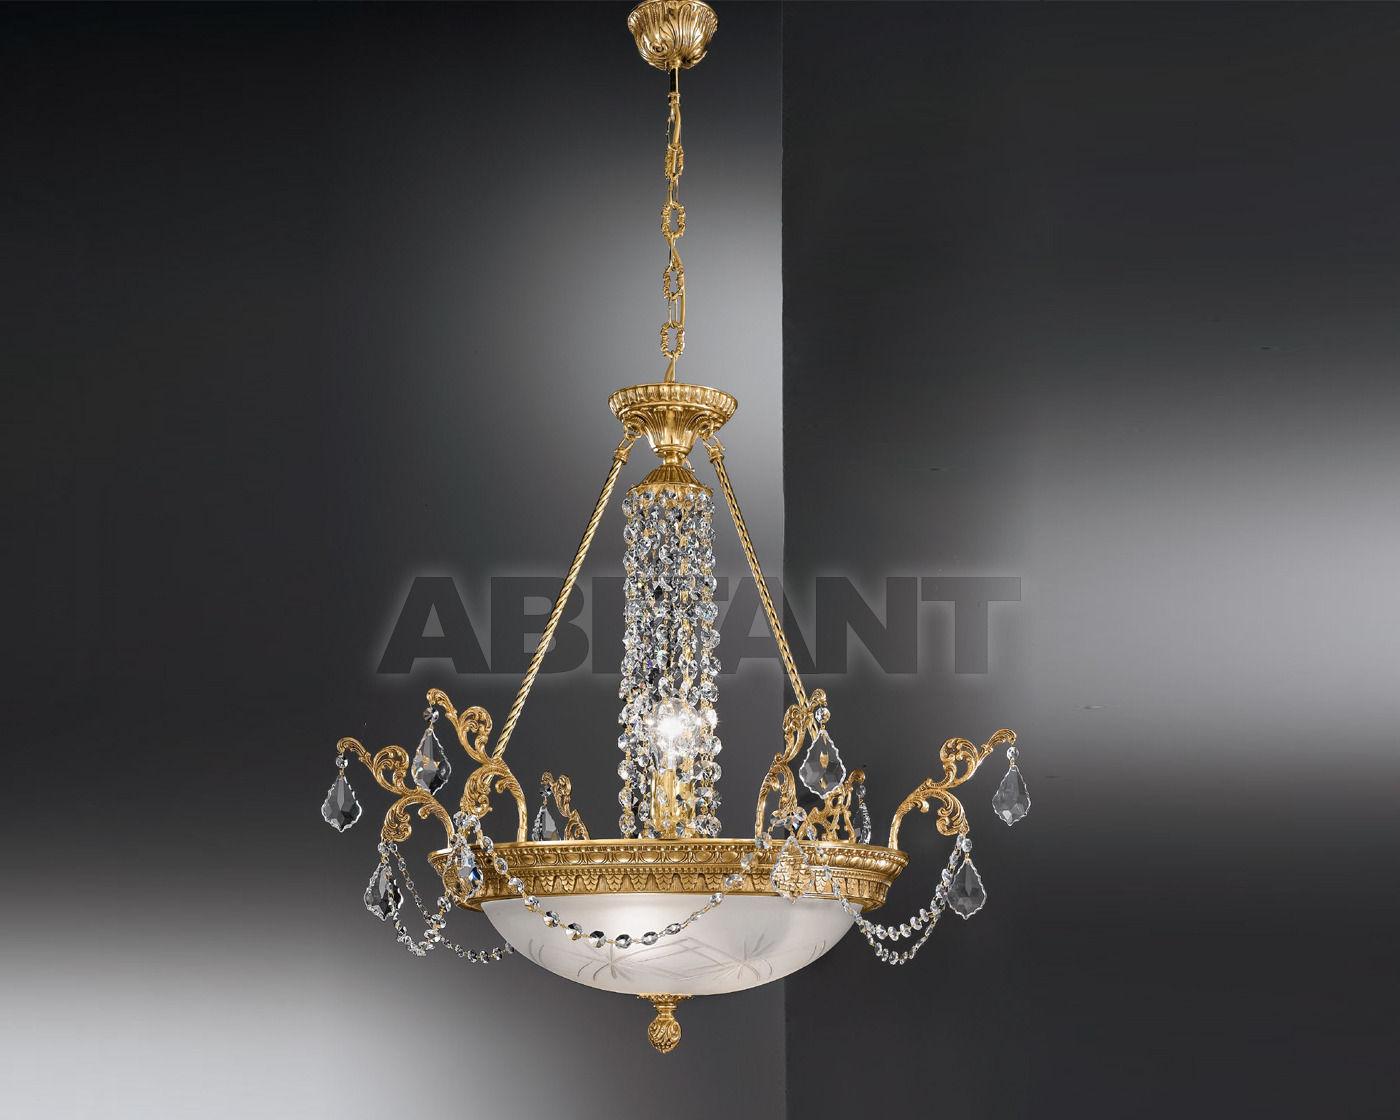 Купить Люстра Nervilamp Snc Nervilamp 2013 770/5+1